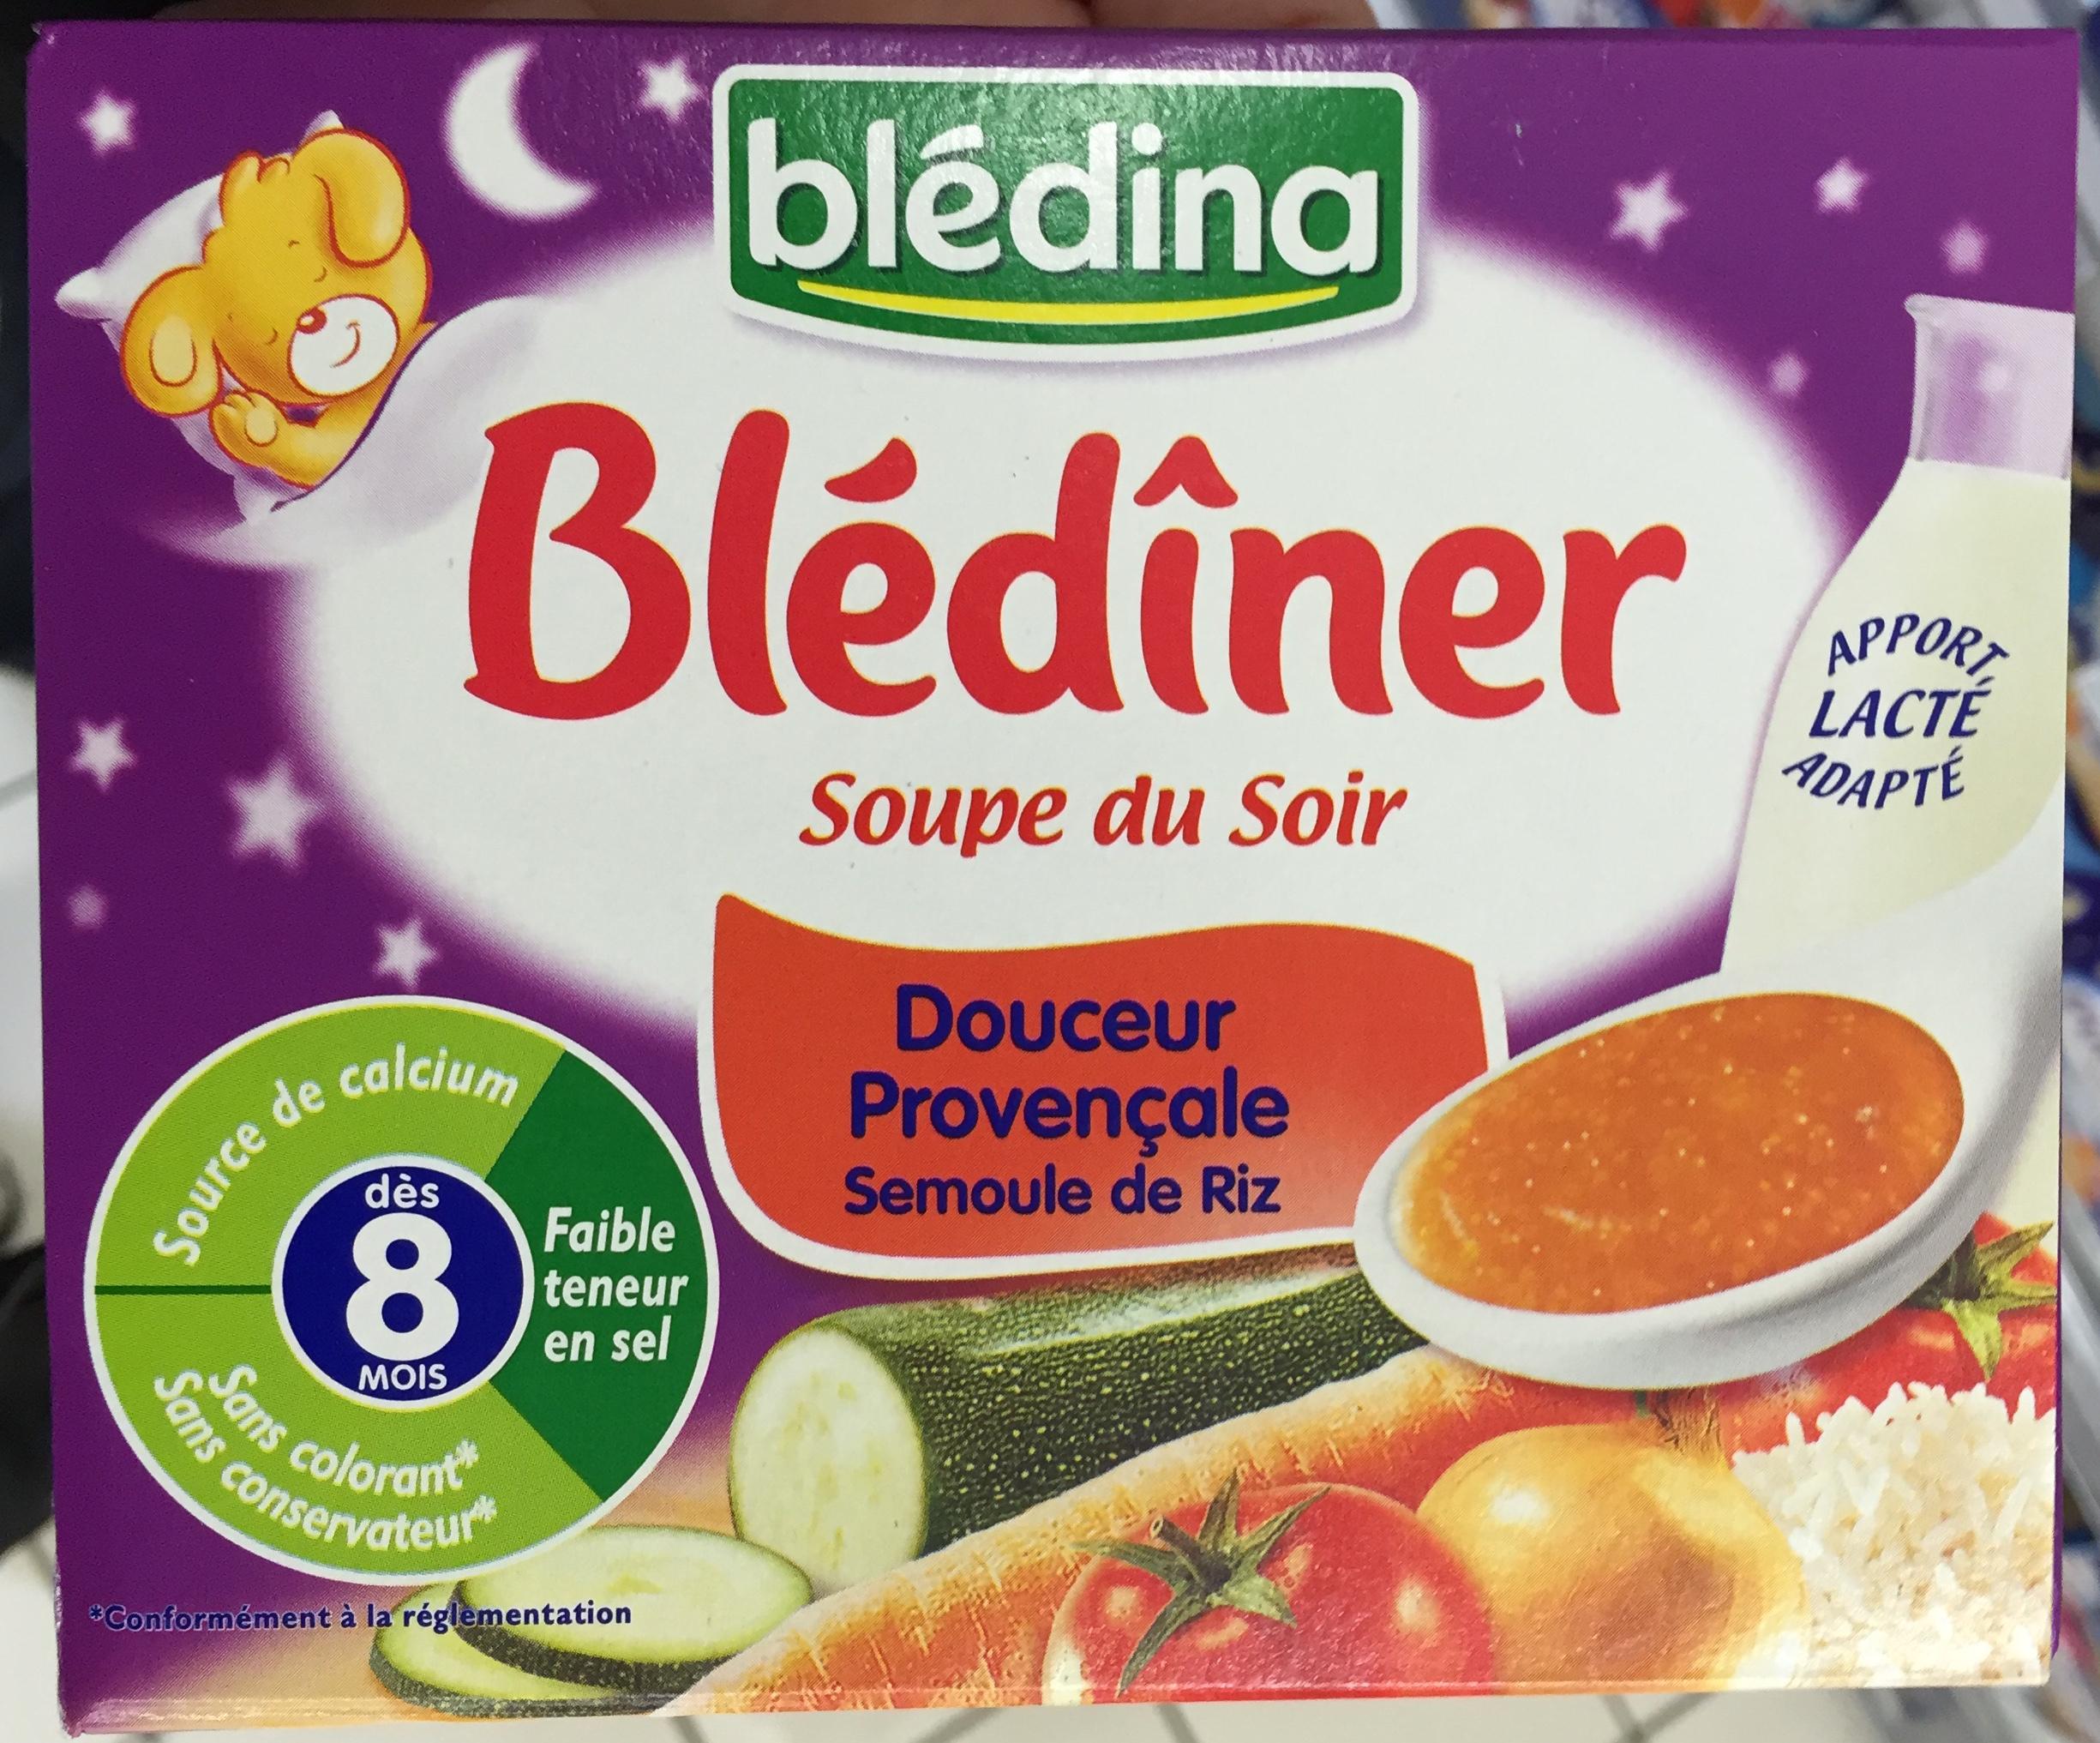 Blédîner Soupe du Soir Douceur Provençale Semoule de Riz - Produit - fr